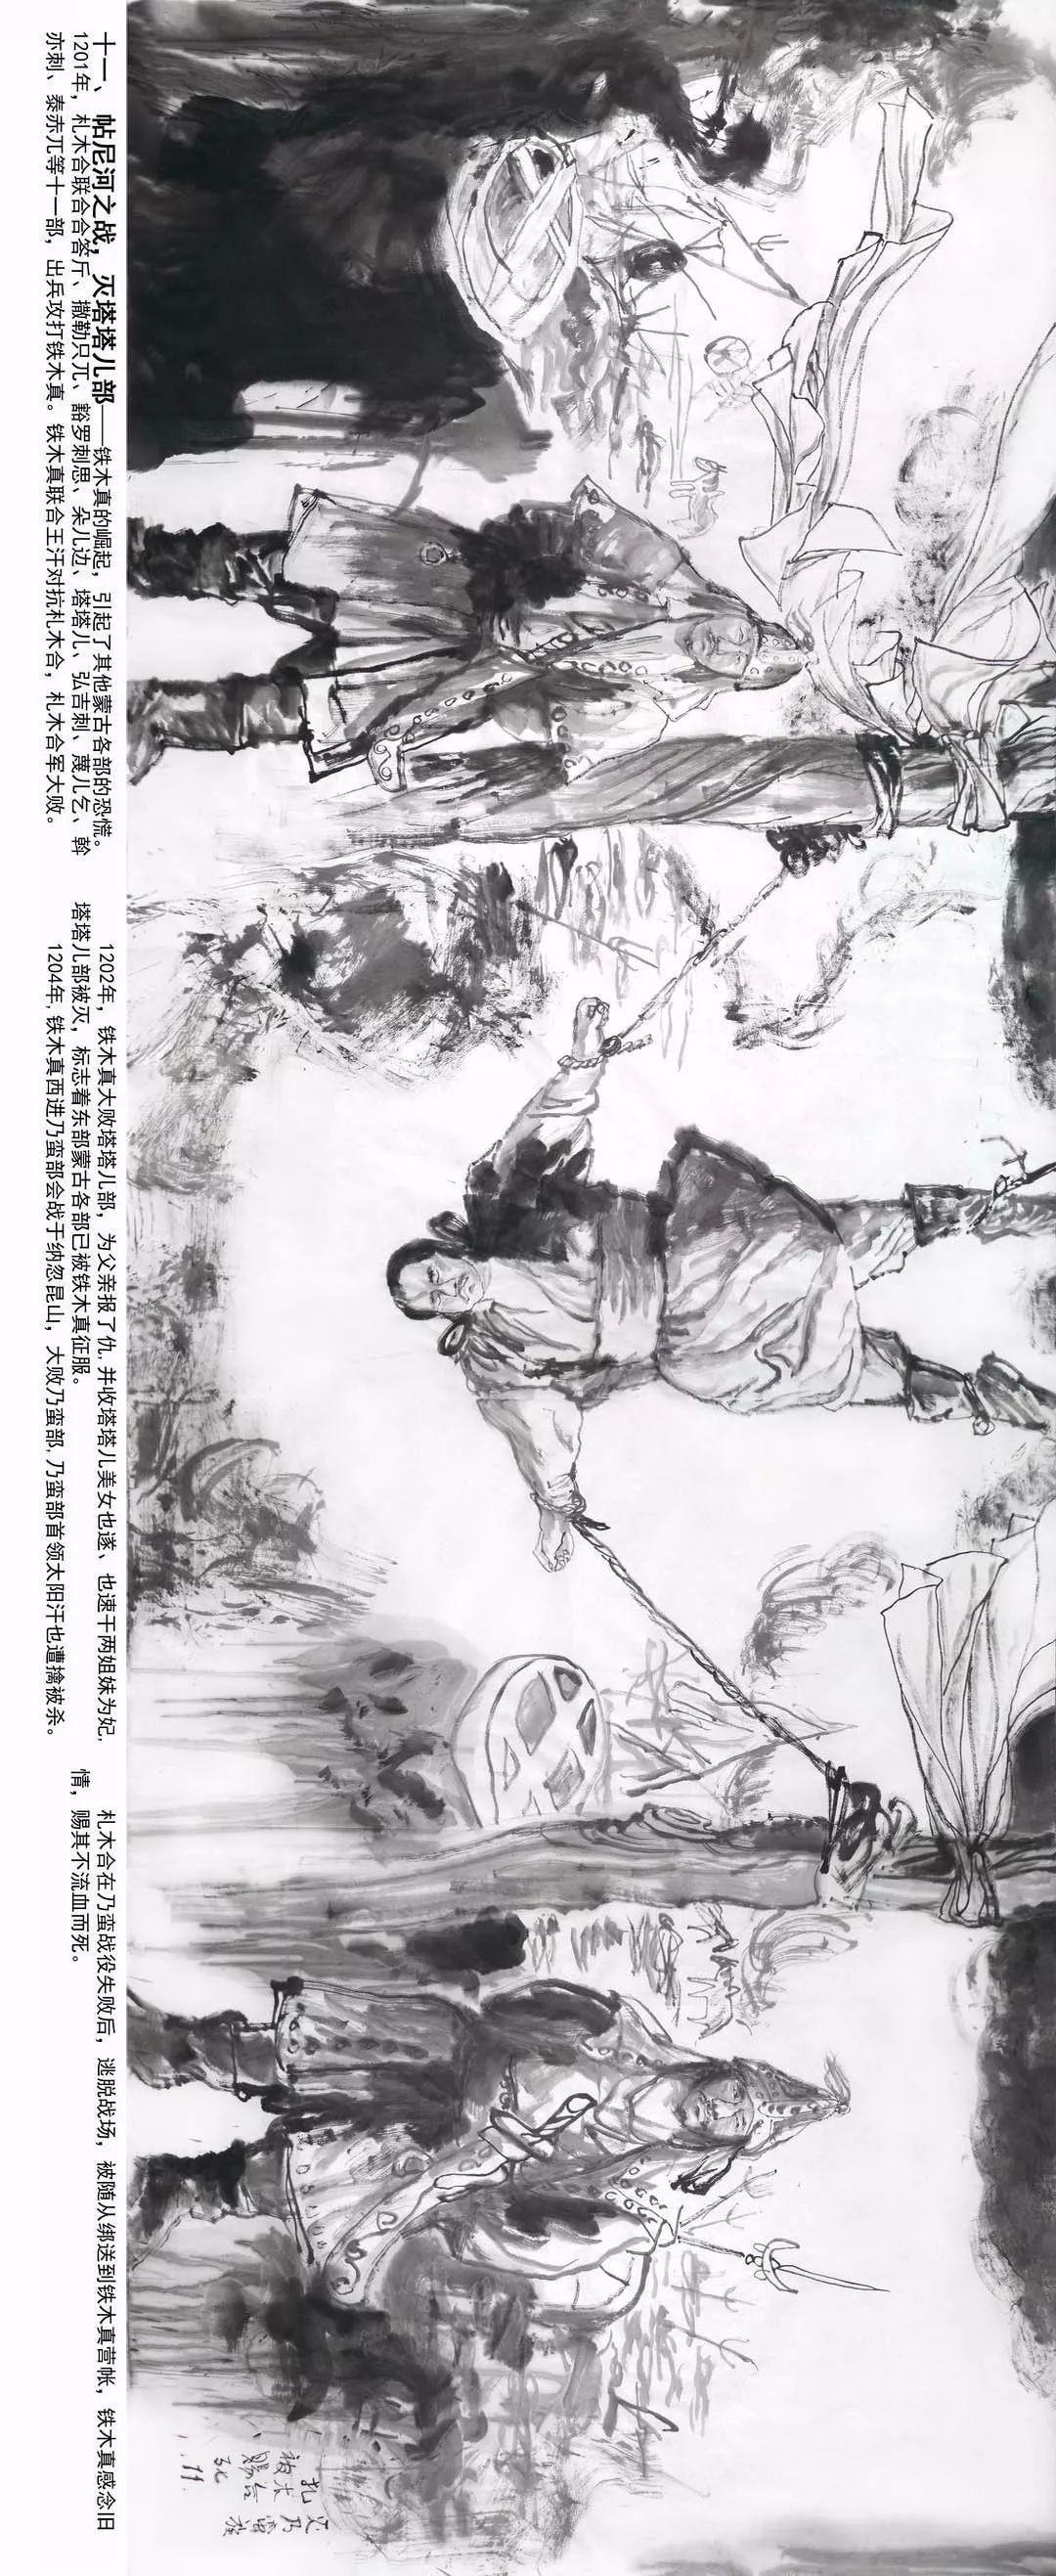 【经典】《蒙古魂》国画写意,大师所创,值得收藏。 第9张